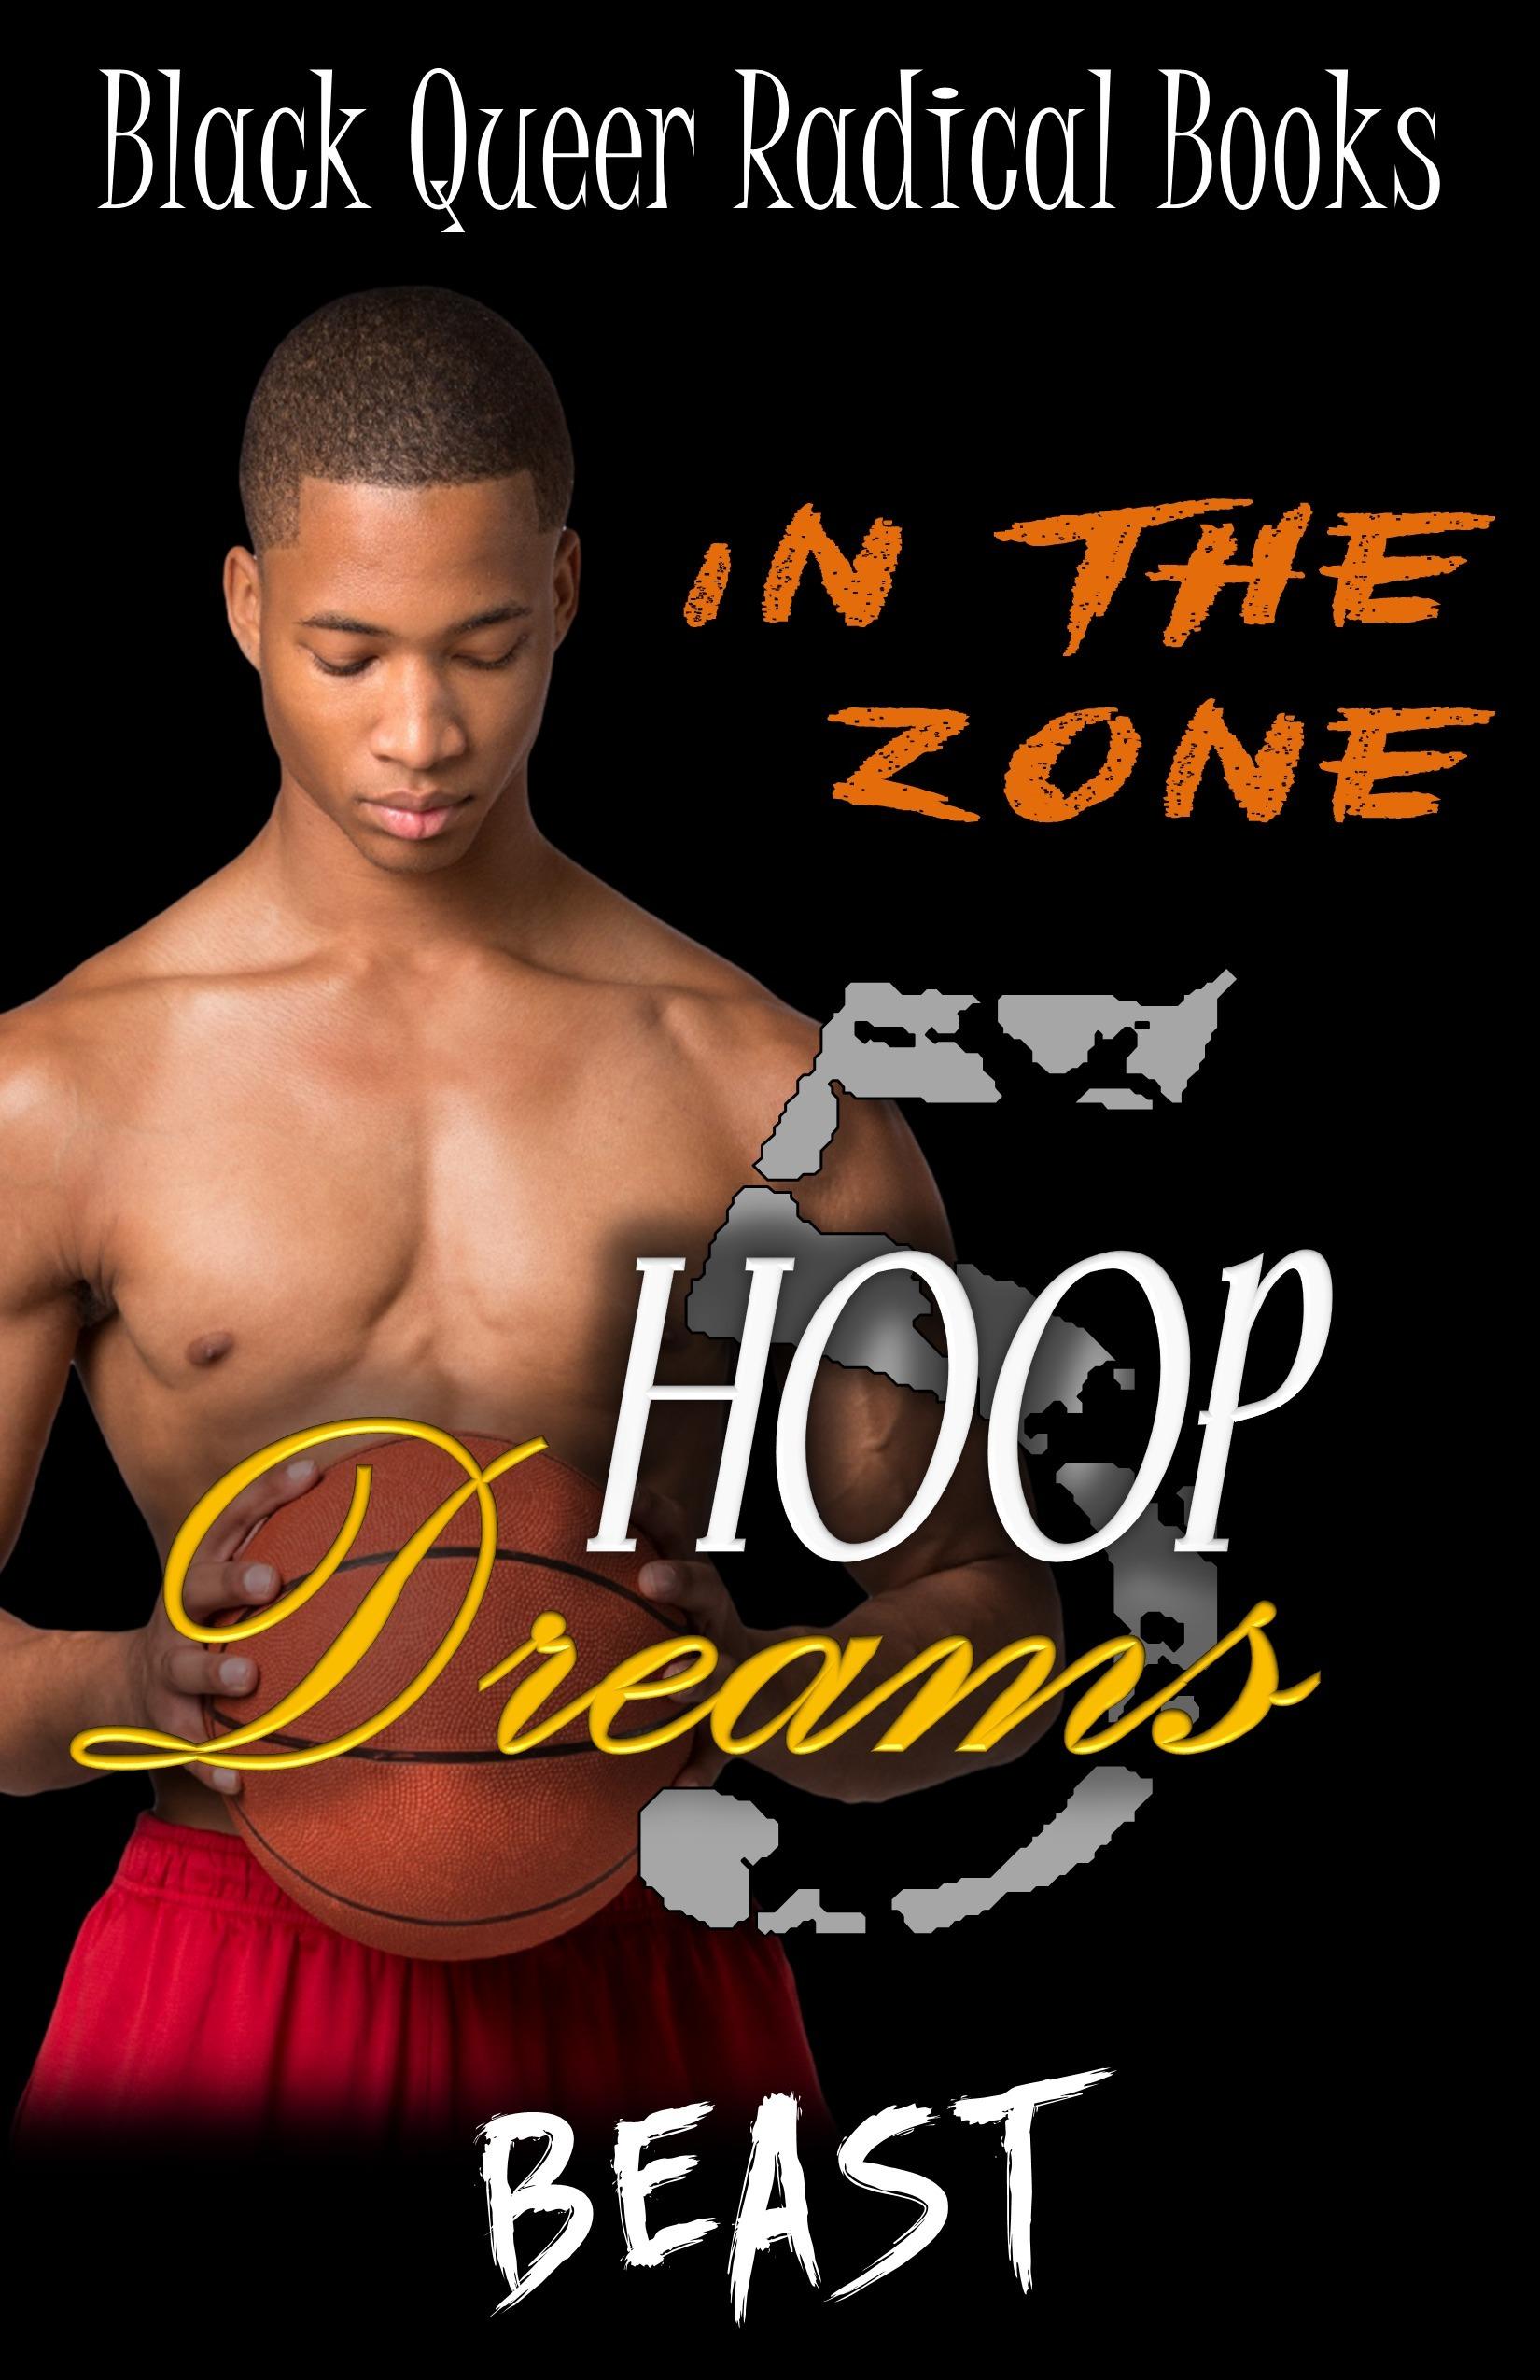 In The Zone (Hoop Dreams #5) Beast